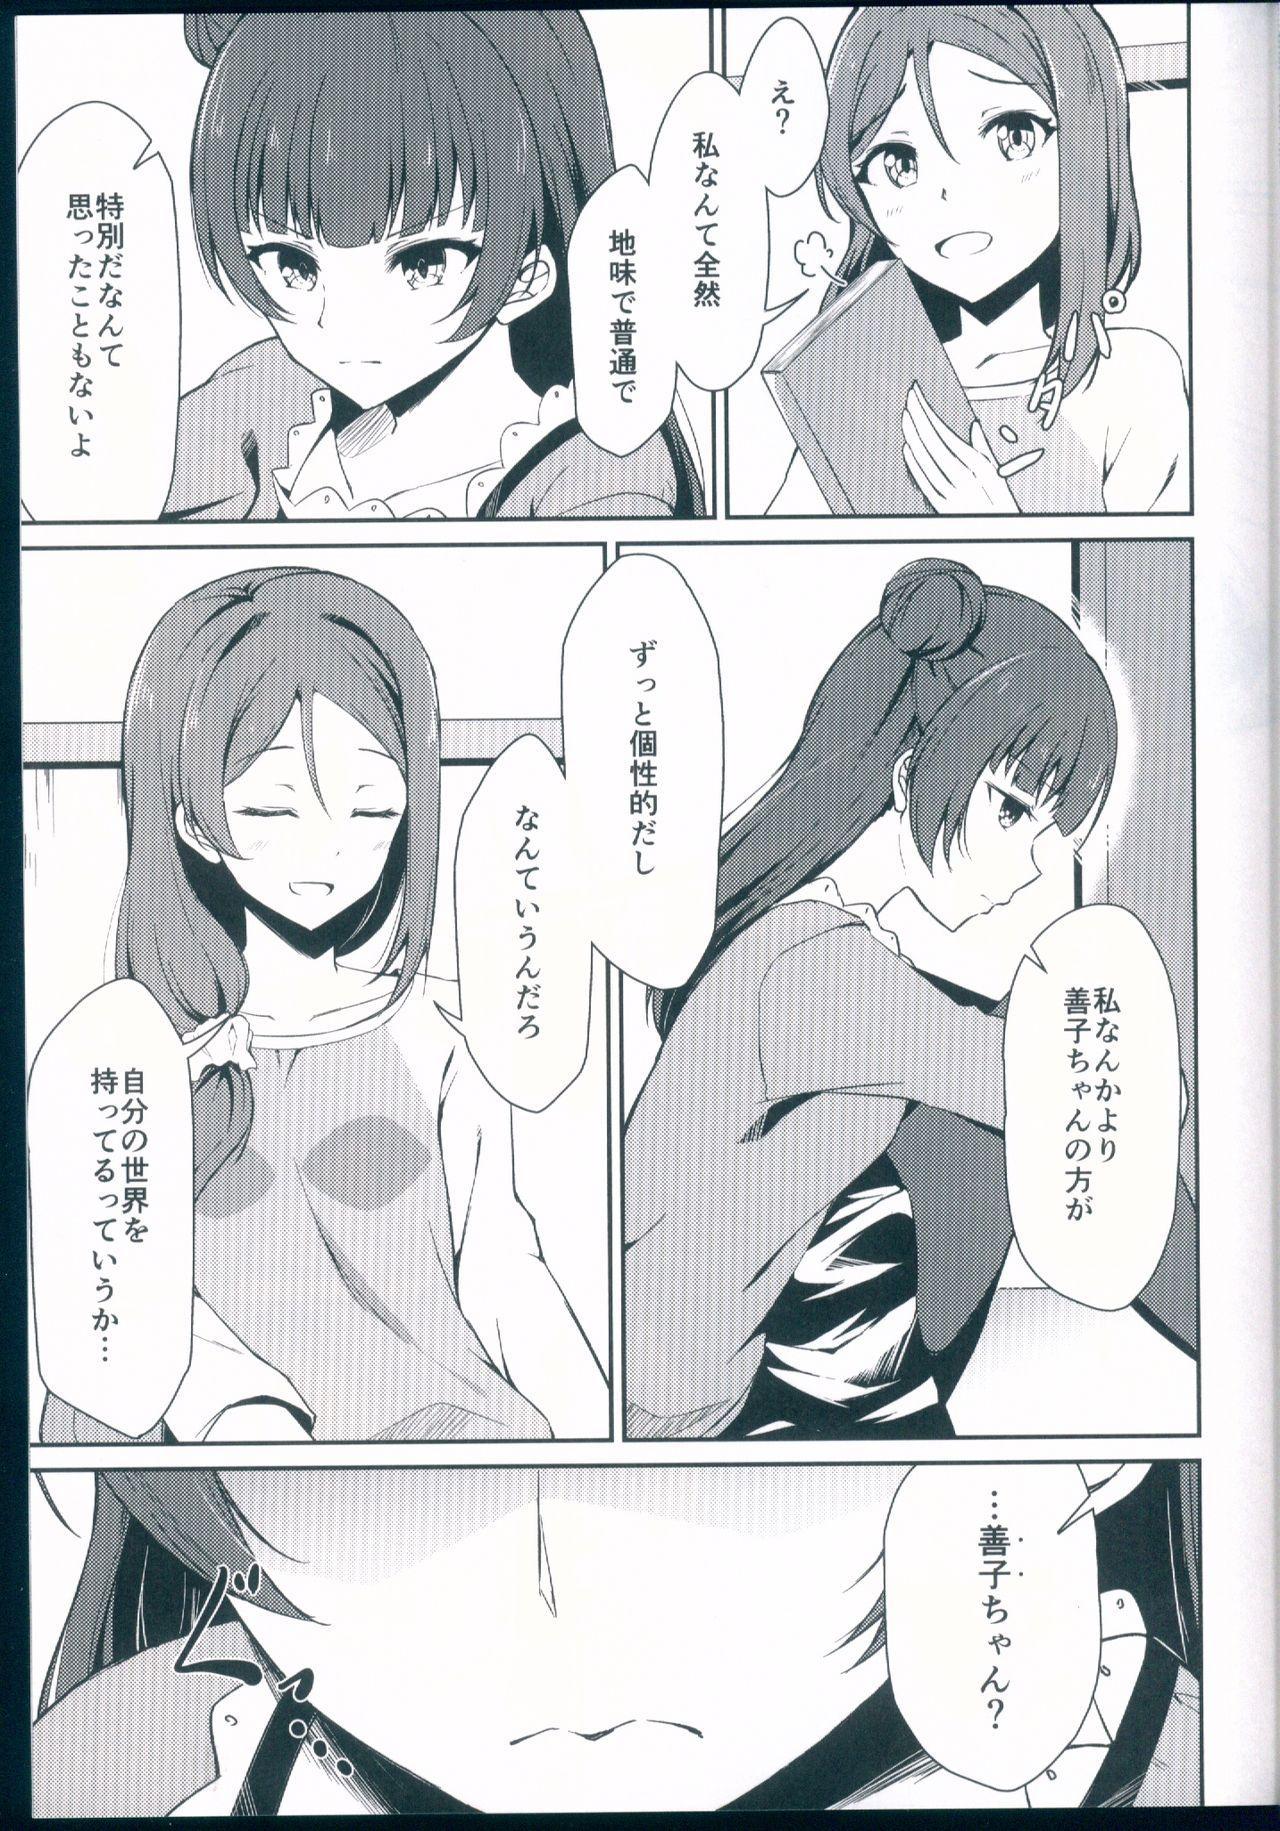 Kagayaki no Mezashikata 6